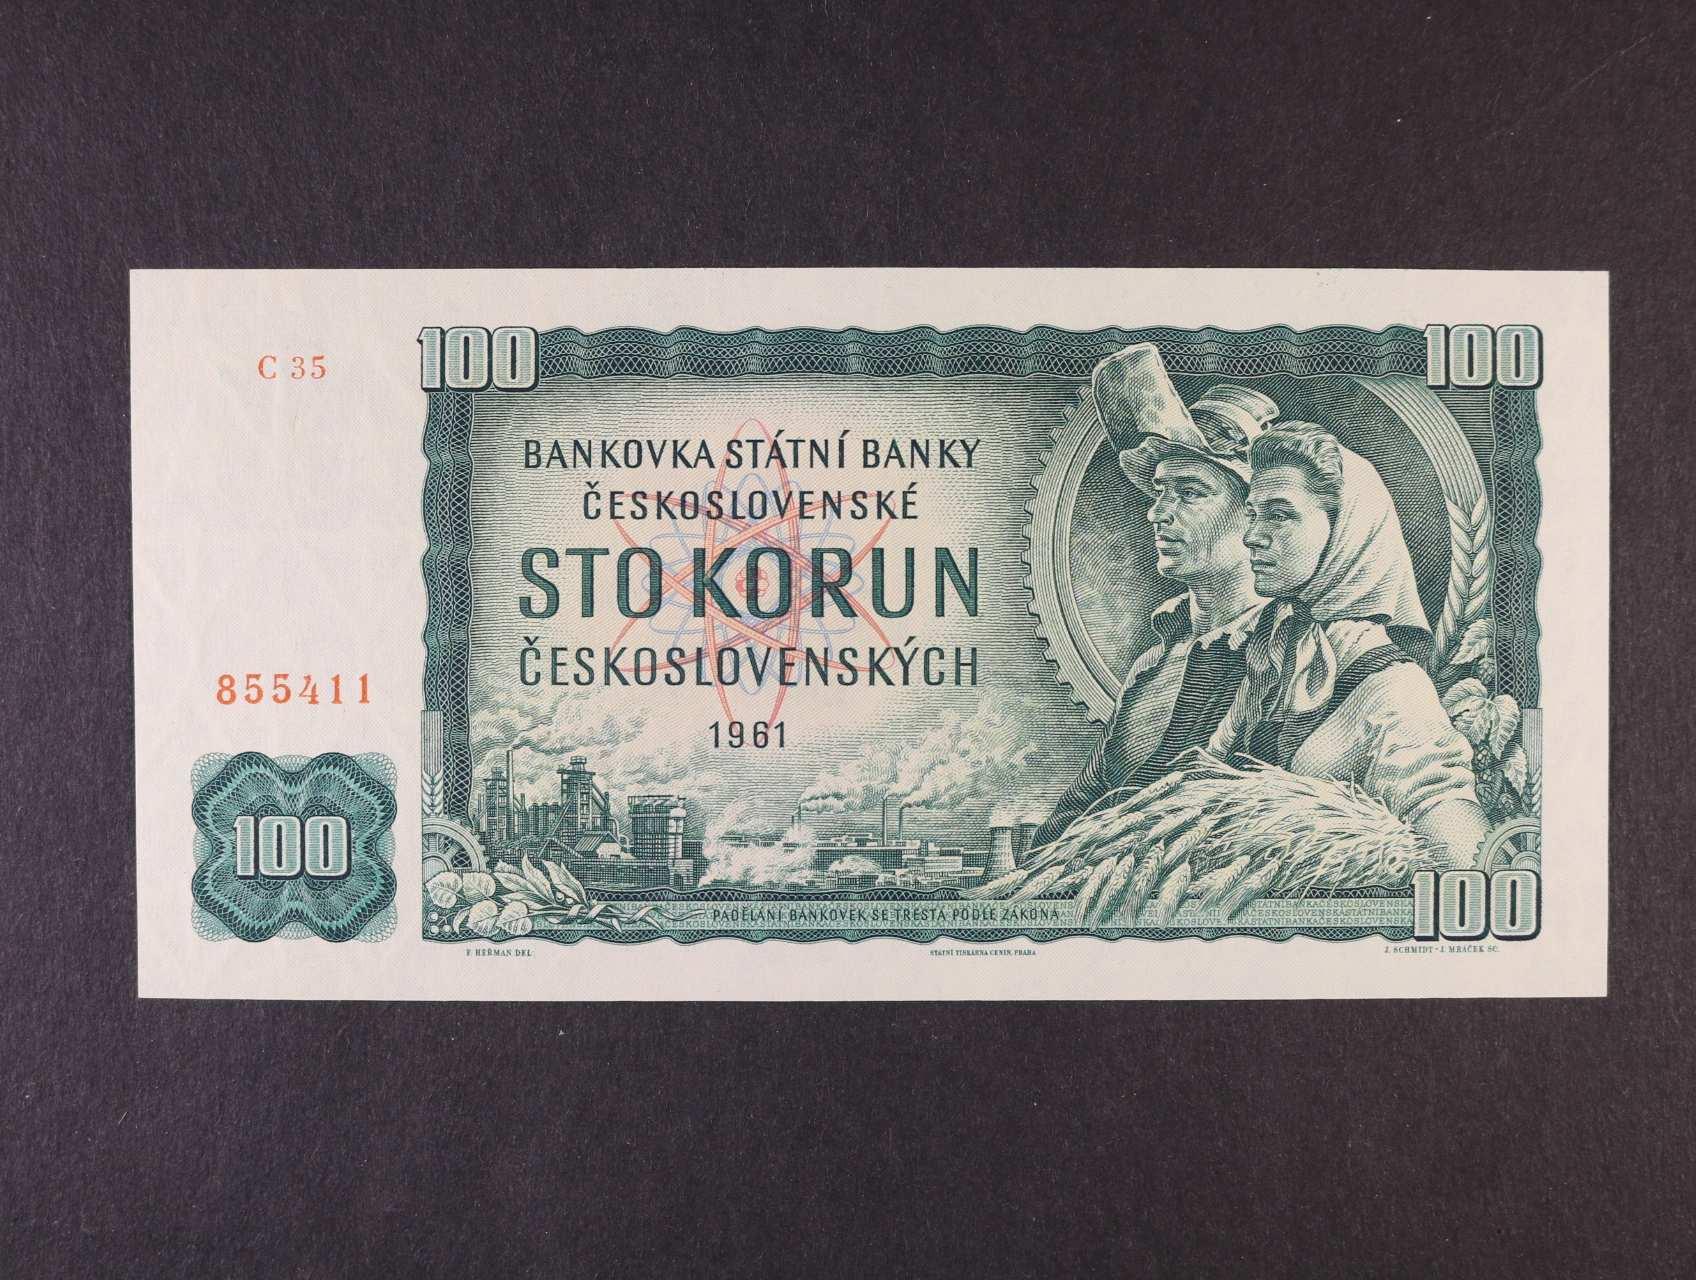 100 Kčs 1961 série C 35, Ba. 98a1, Pi. 91, vodoznaková výztuž na líci bankovky